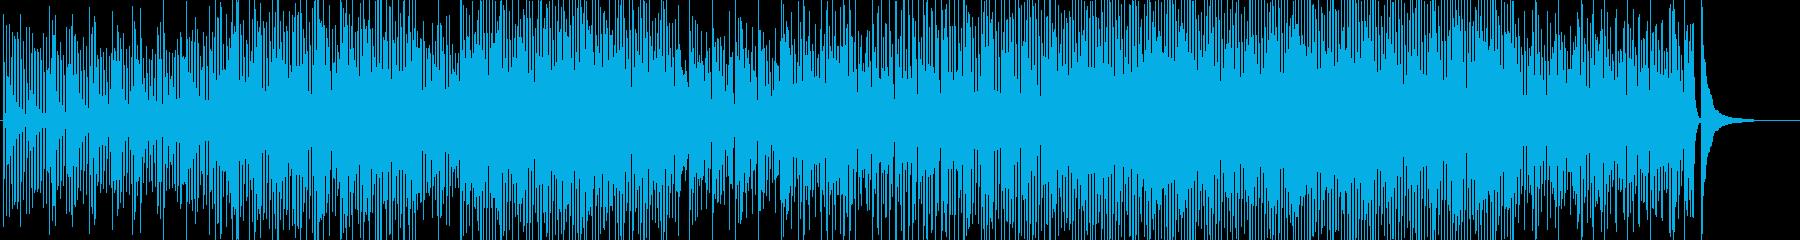 軽快-ポップ-PV-動画-CM-ほっこりの再生済みの波形